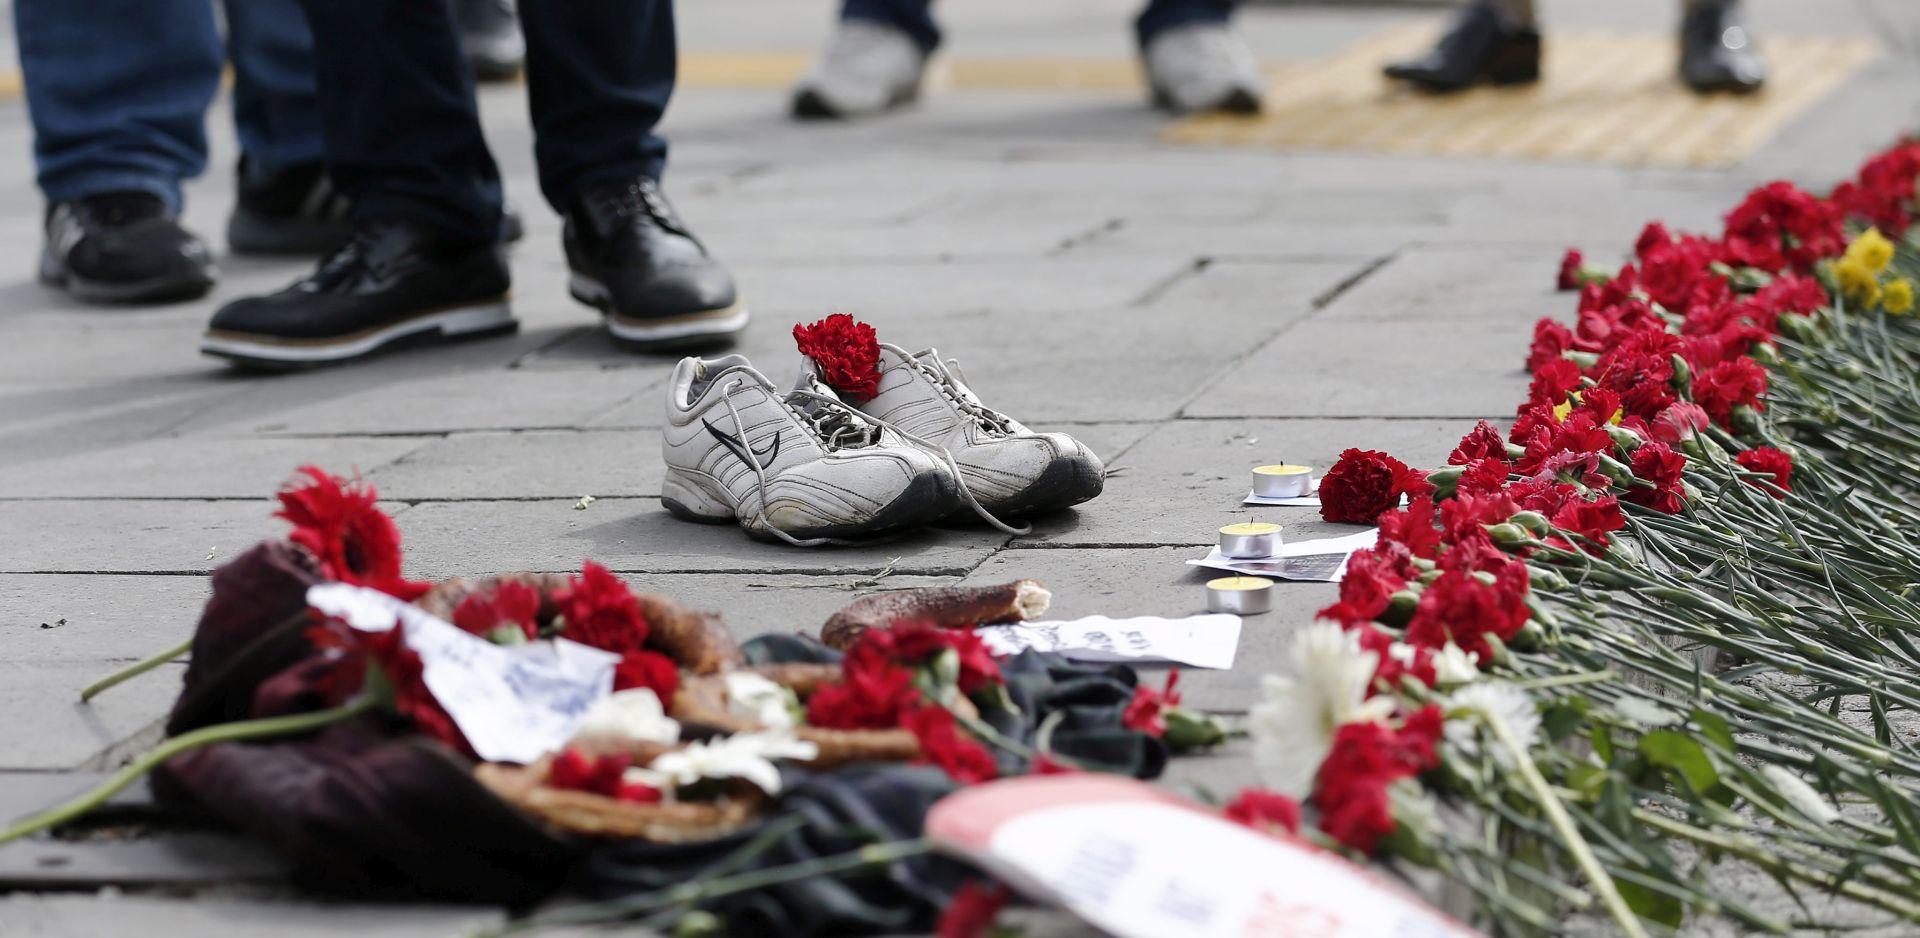 Davutoglu: Za teroristički napad odgovorna Islamska država; kritičari: ISIS koriste kao 'žrtvenog jarca'